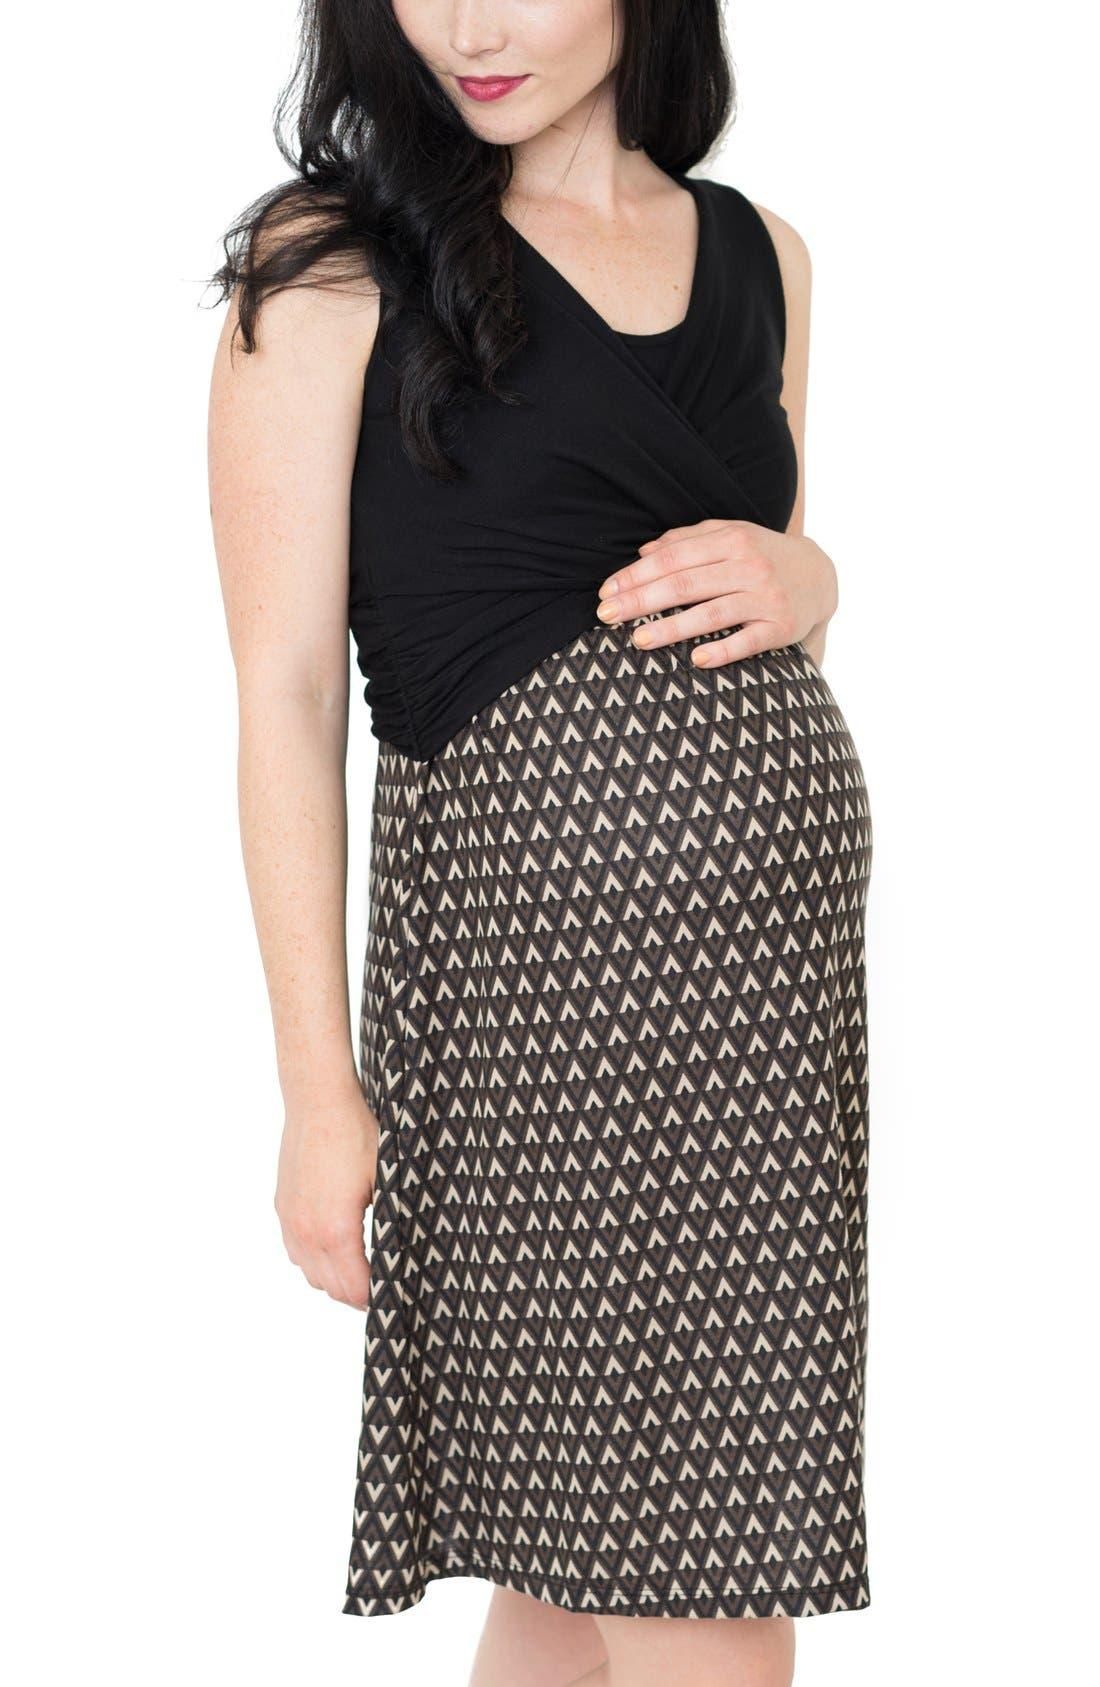 'Lela' Nursing Maternity Dress,                             Main thumbnail 1, color,                             Black Triangle Print